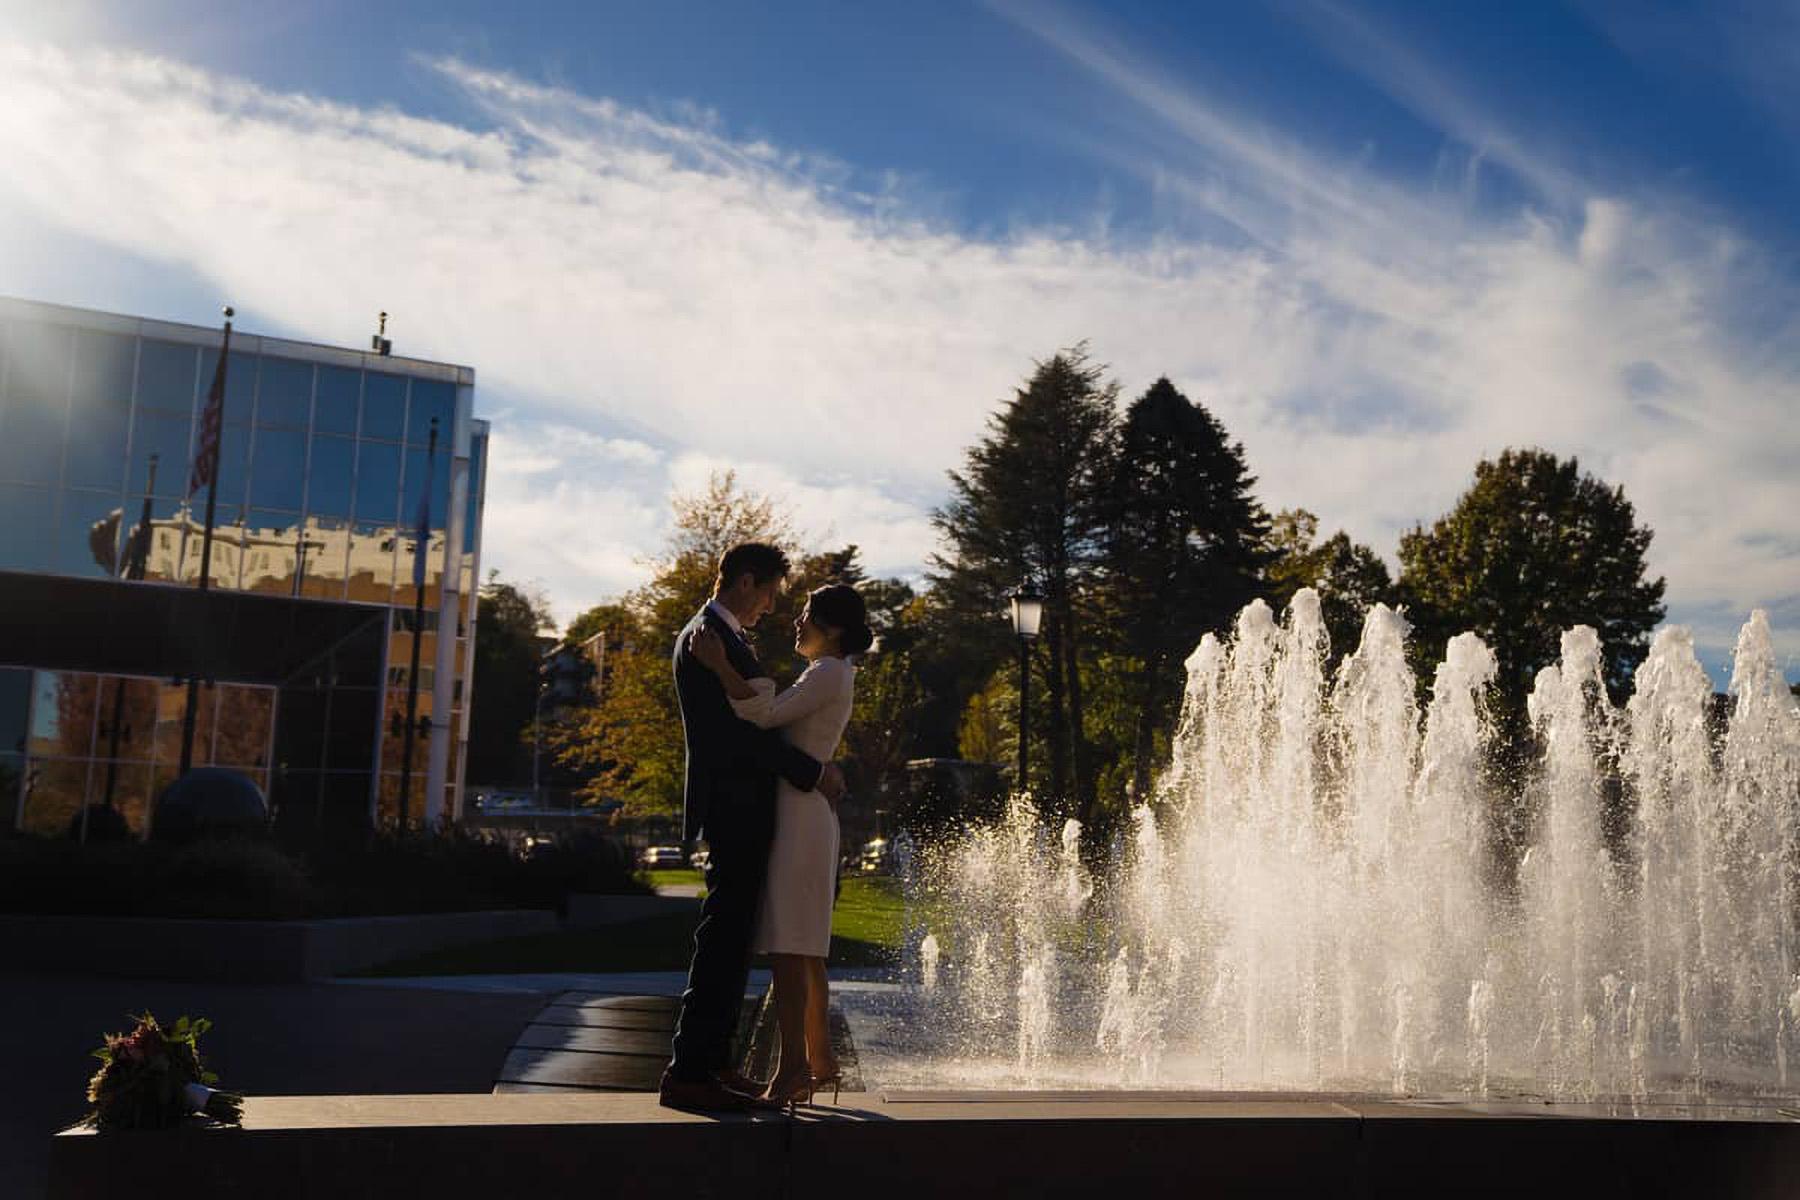 Municipio di Quincy - Foto di matrimoni di piccole dimensioni | gli sposi stanno accanto a una grande fontana e condividono il momento insieme, guardandosi negli occhi